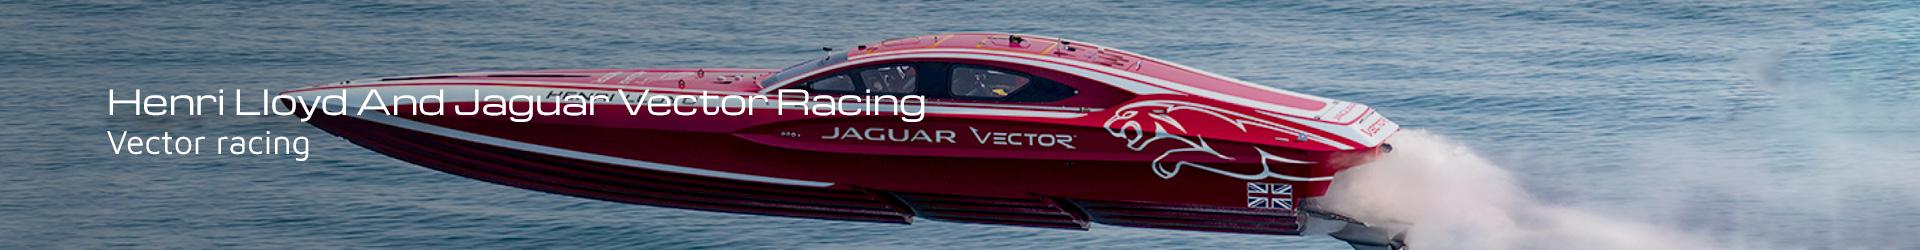 Henri Lloyd & Jaguar Vector Racing